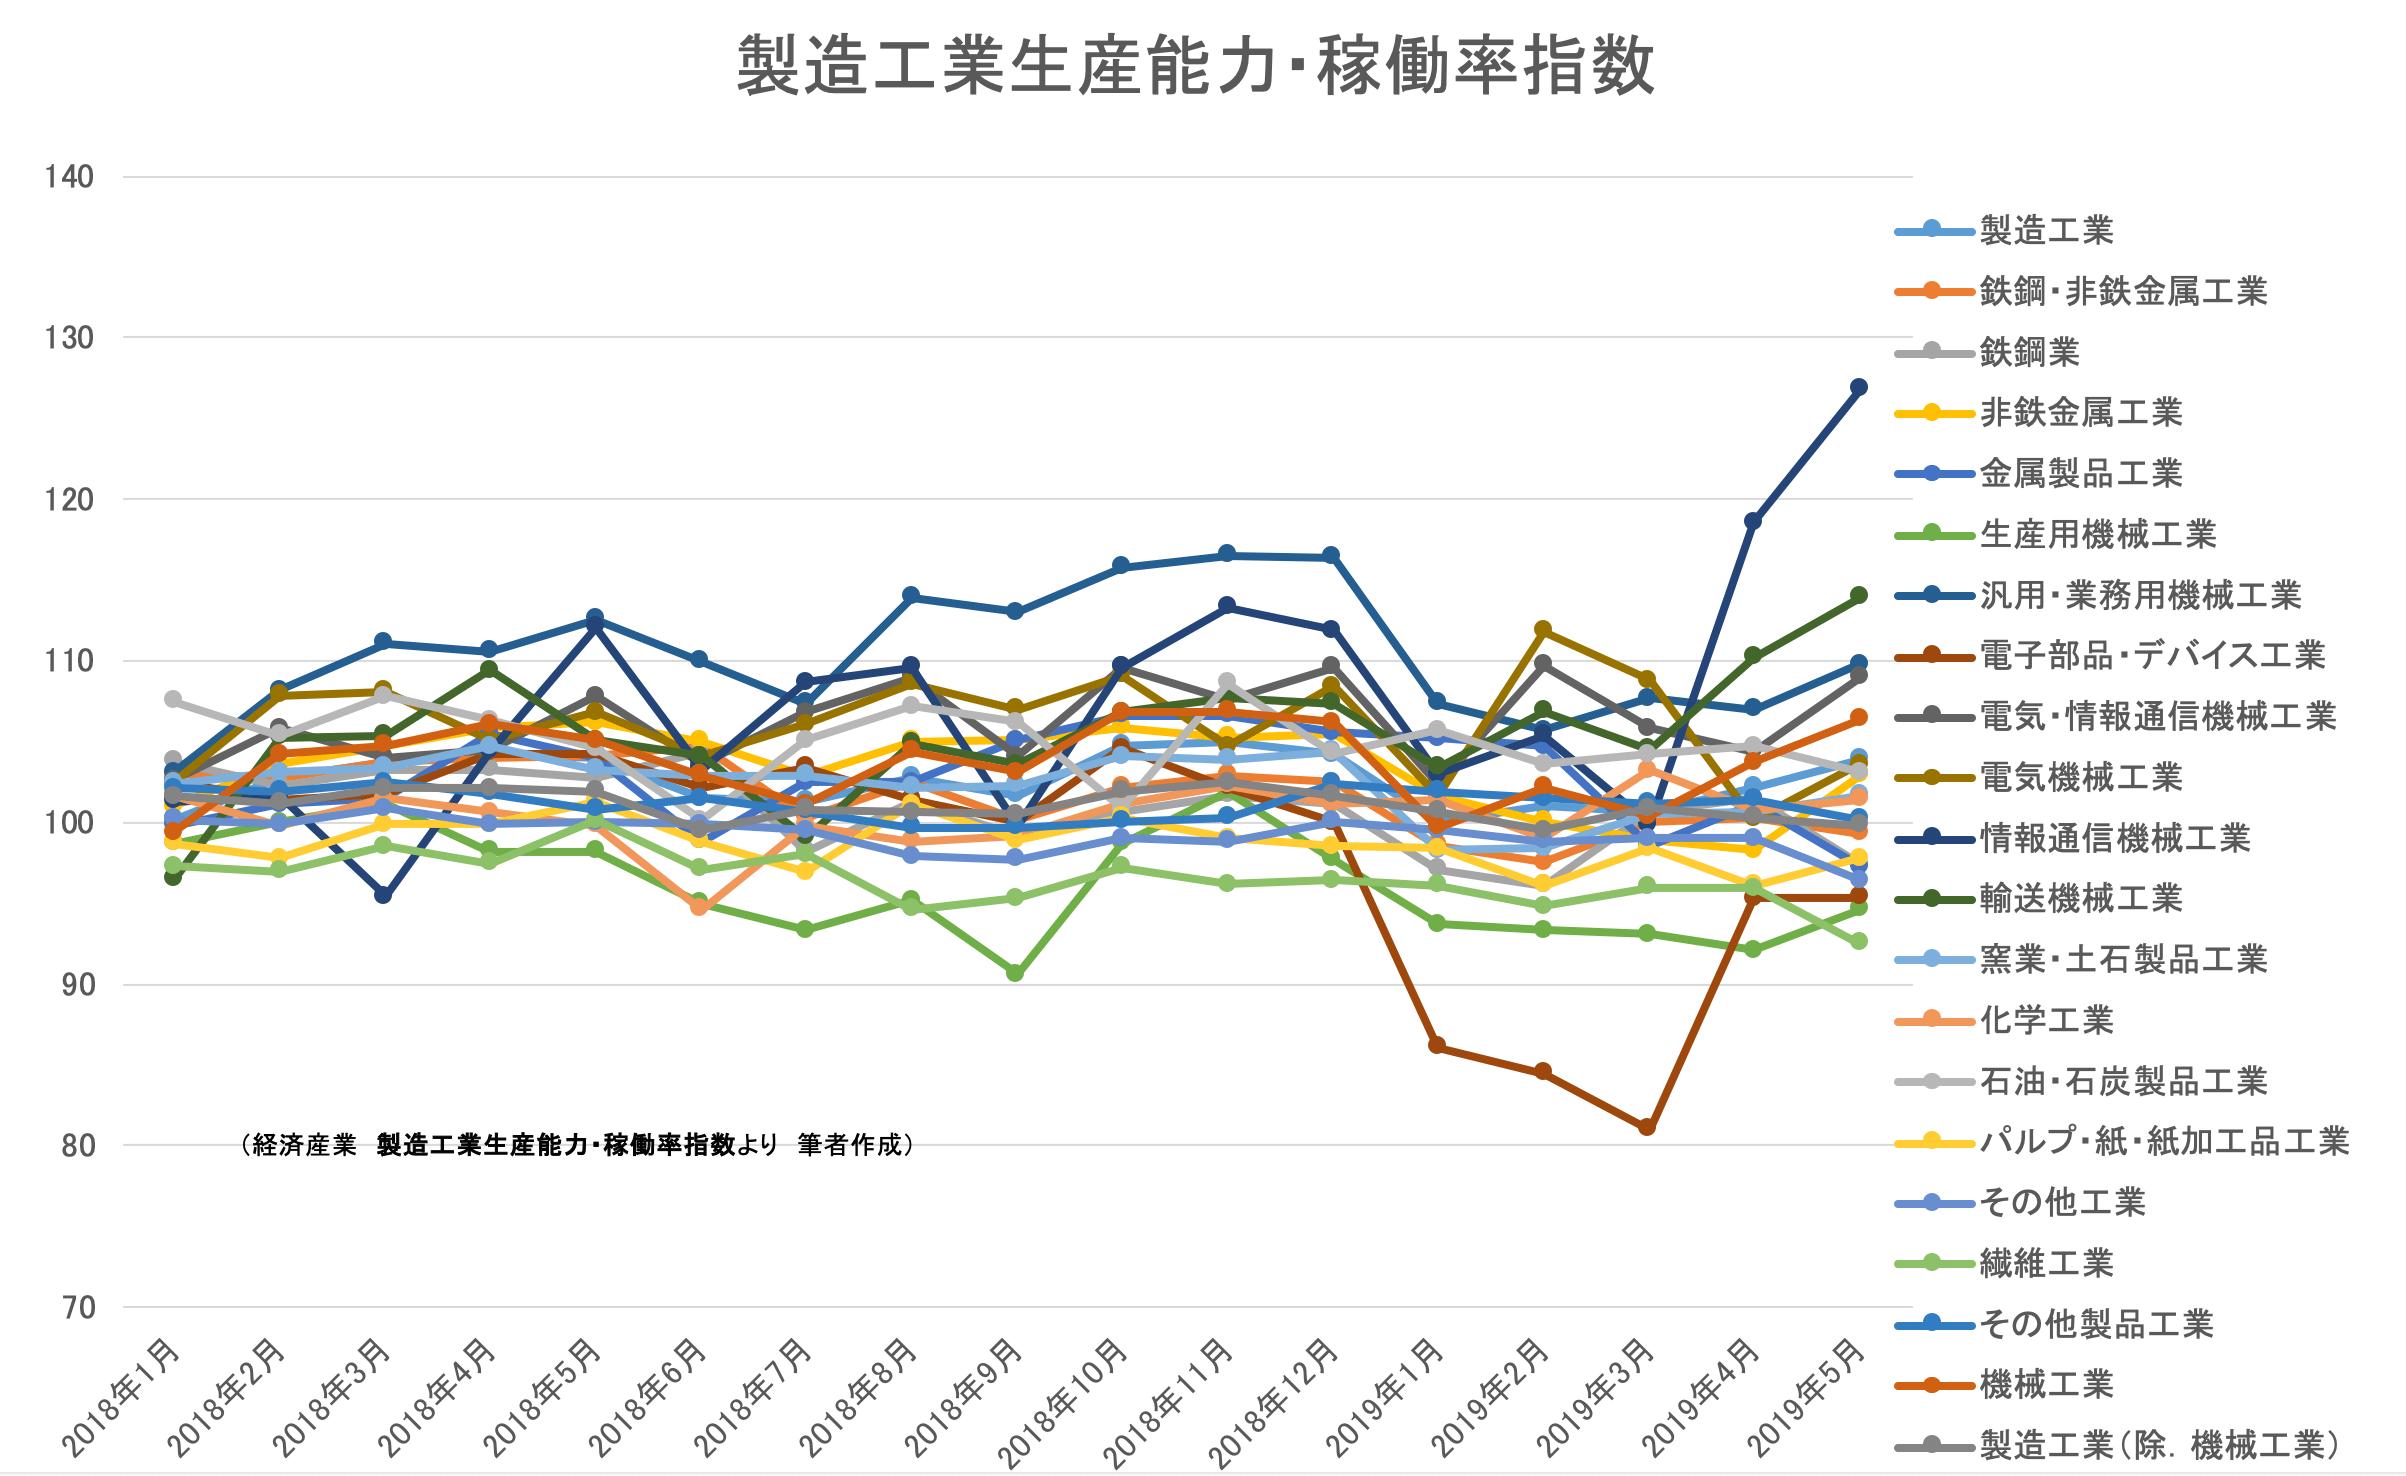 00(20日)★製造工業生産能力・稼働率指数201905